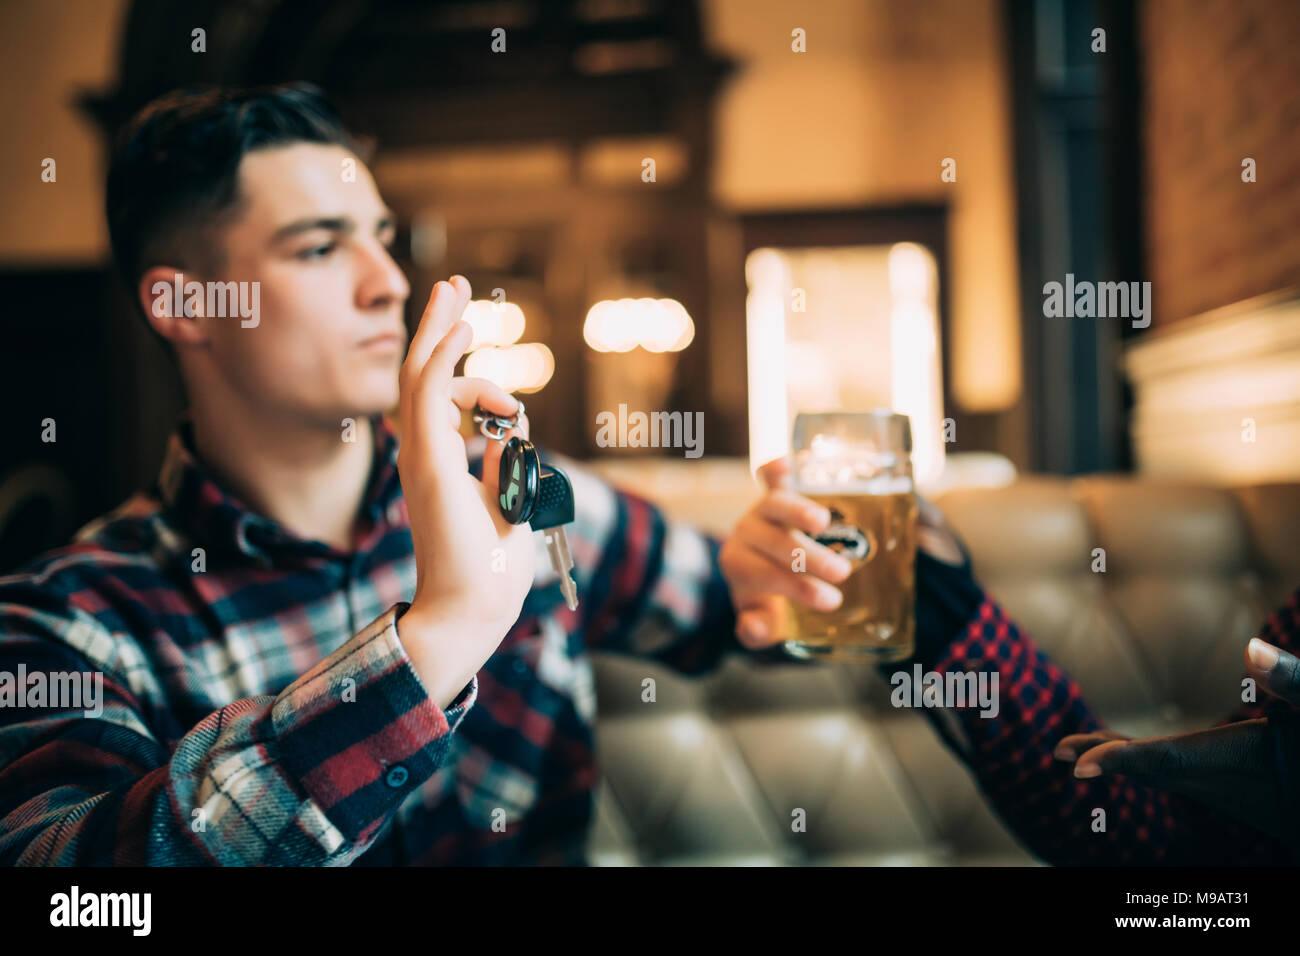 Junger Mann hält Autoschlüssel und die Ablehnung von Bier aus seinem afro-amerikanische Freund zu trinken Stockbild